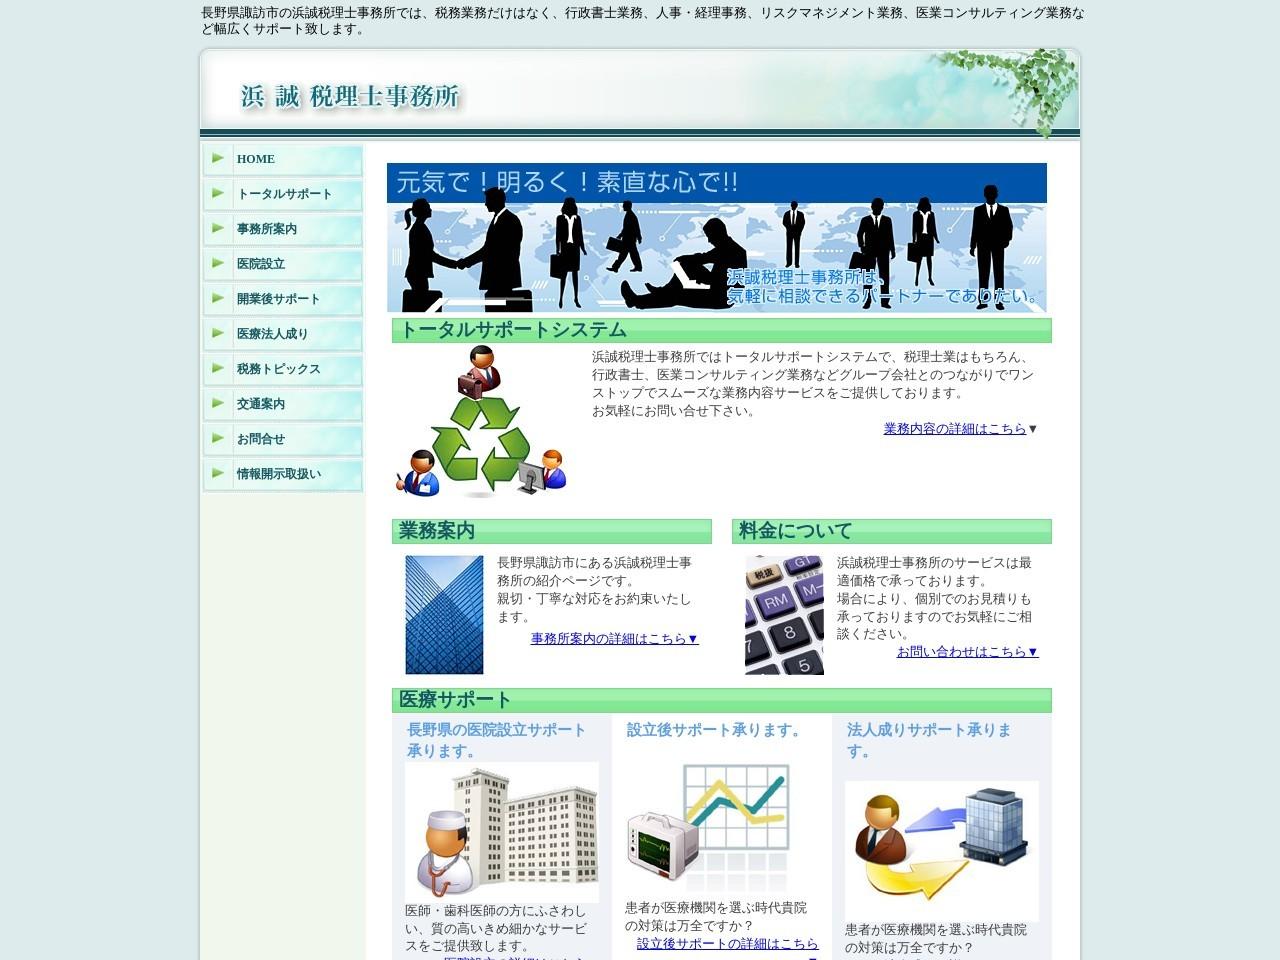 浜誠税務会計事務所